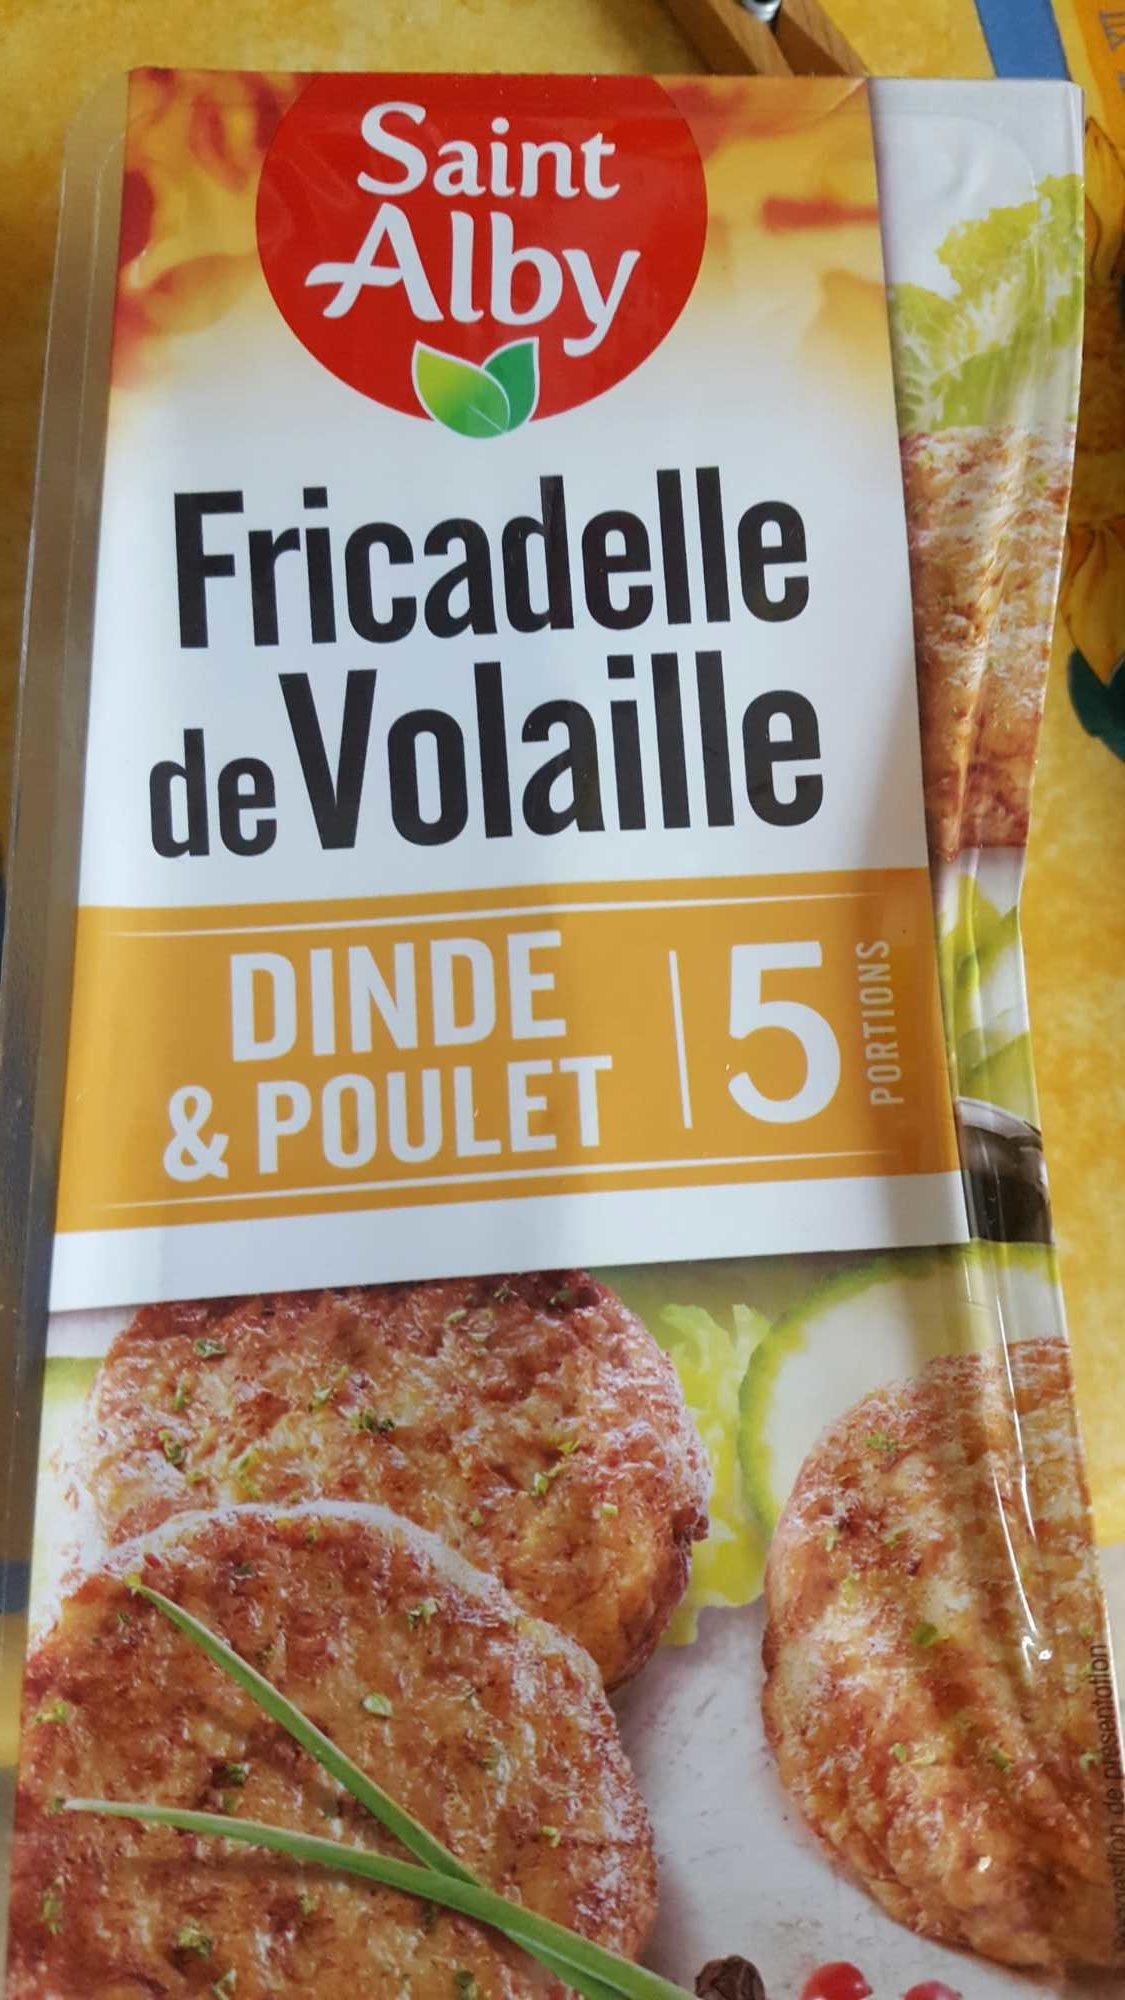 Fricadelle de Volaille - Dinde & Poulet - Product